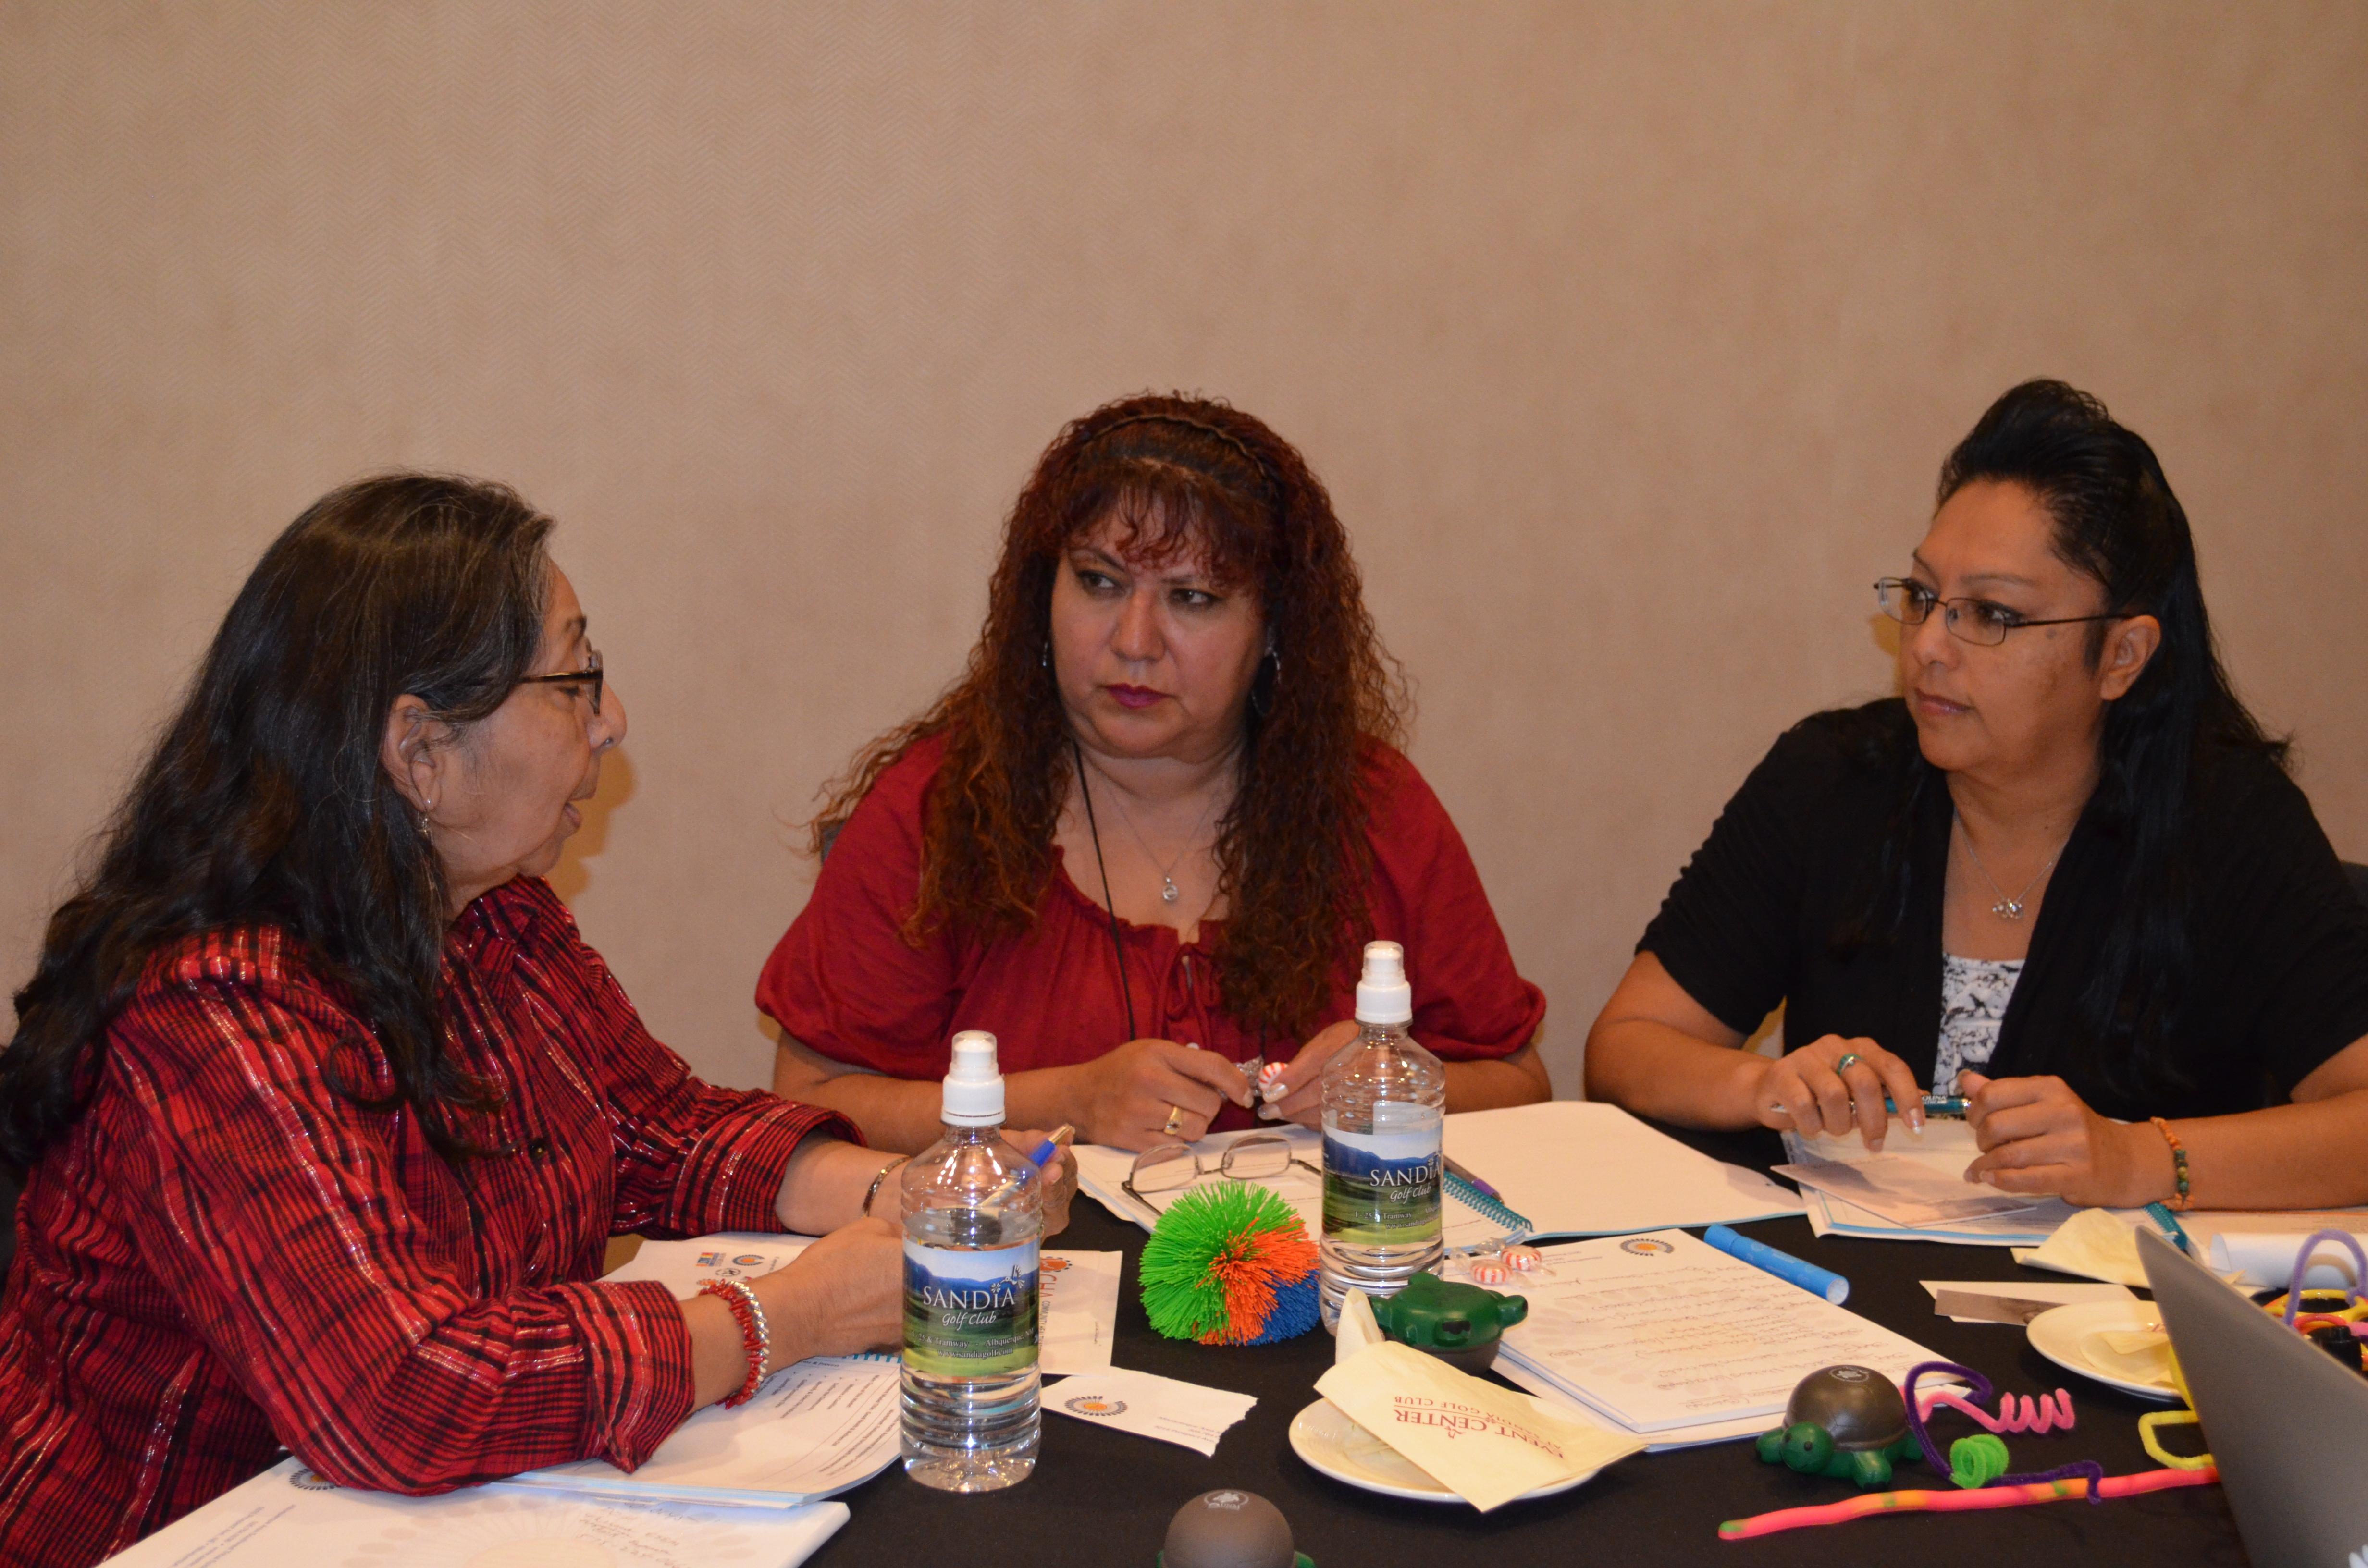 Grupo hablando en la mesa.